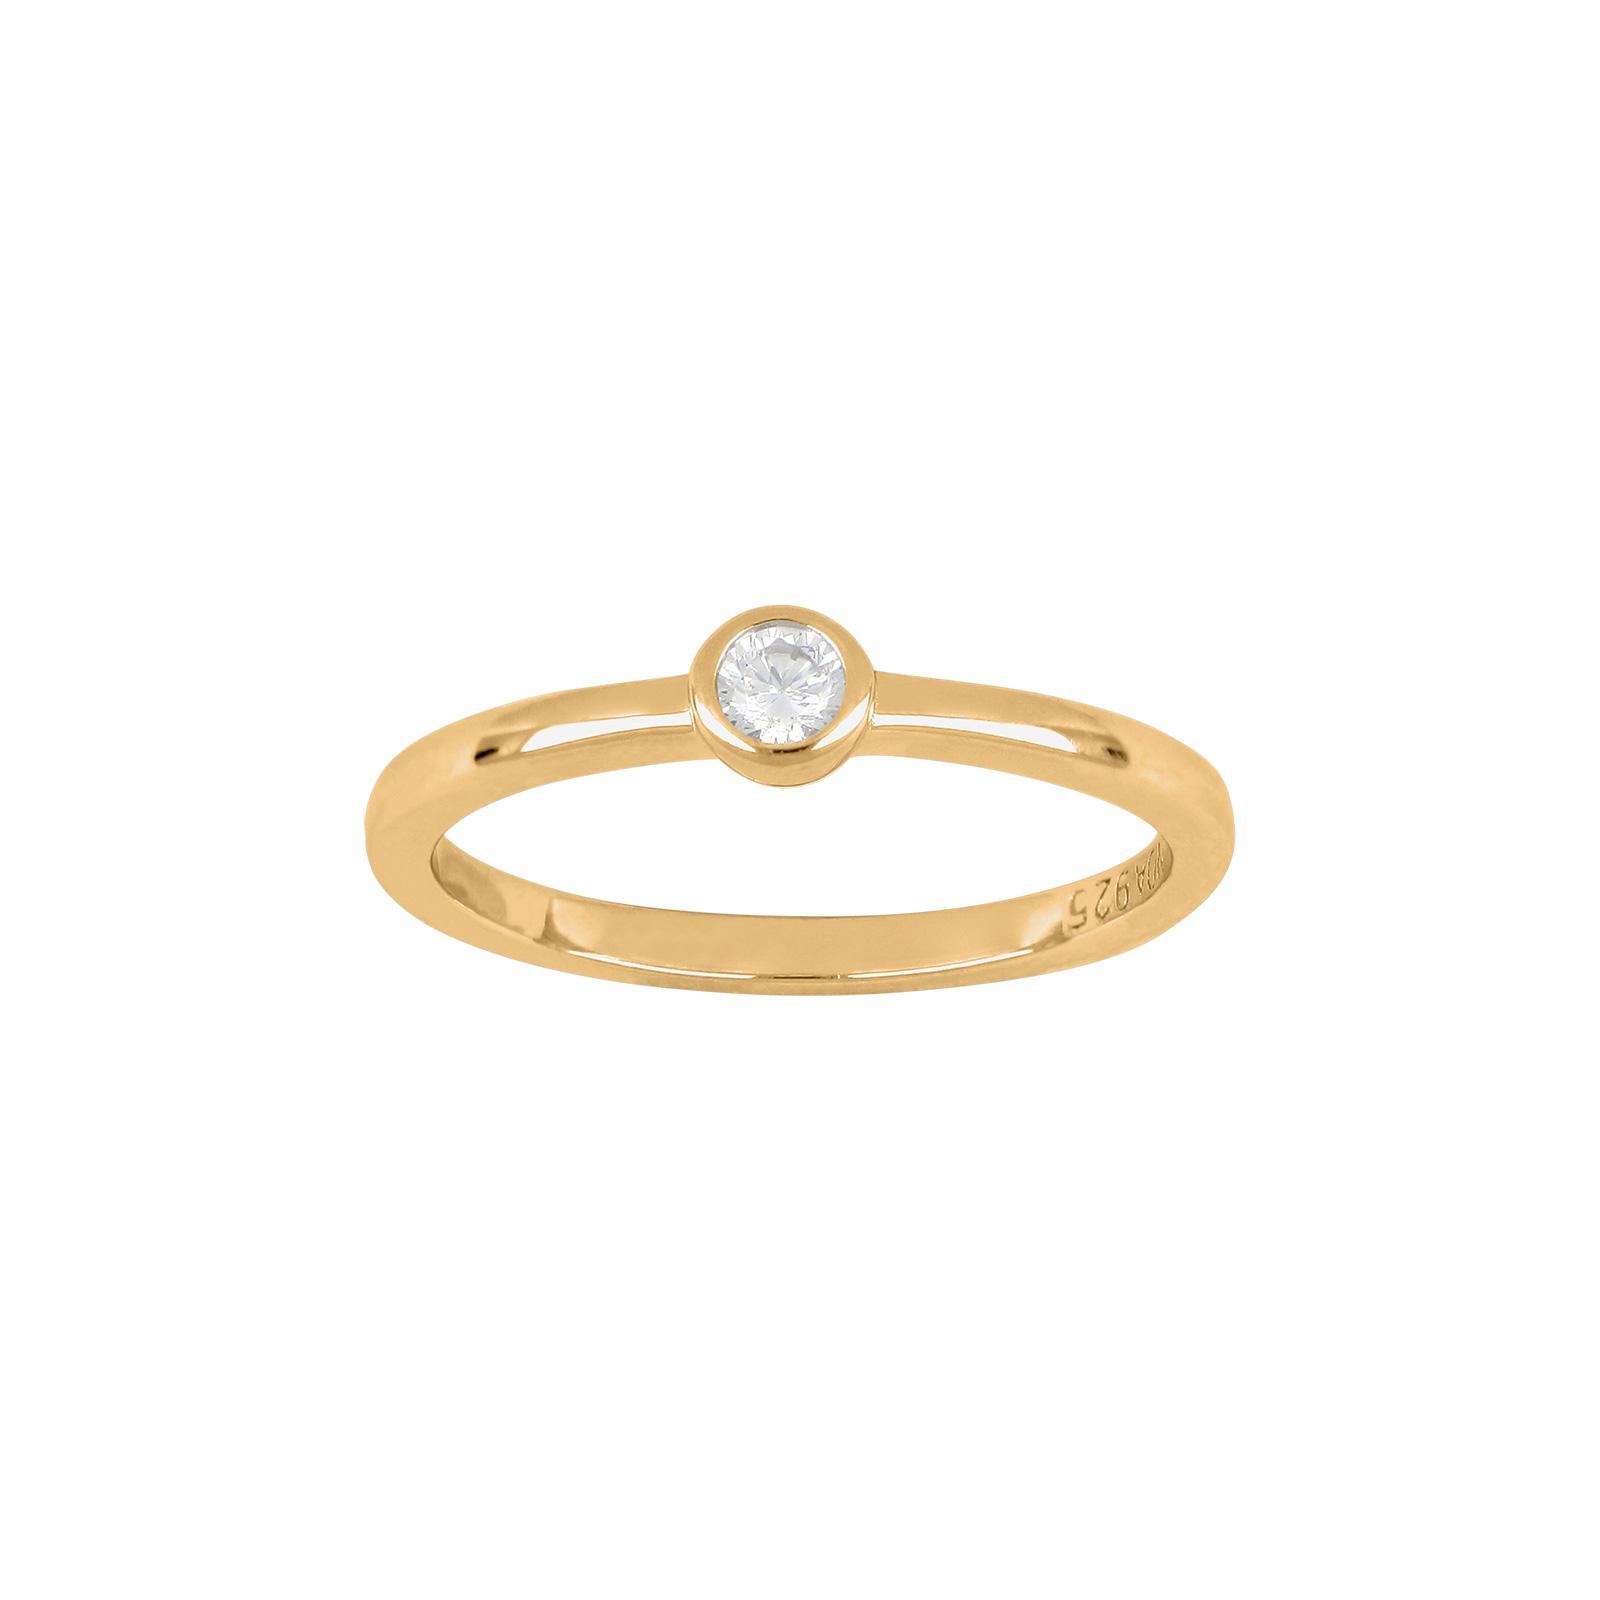 Forgyldt sølv ring med zirkon fra Joanli Nor